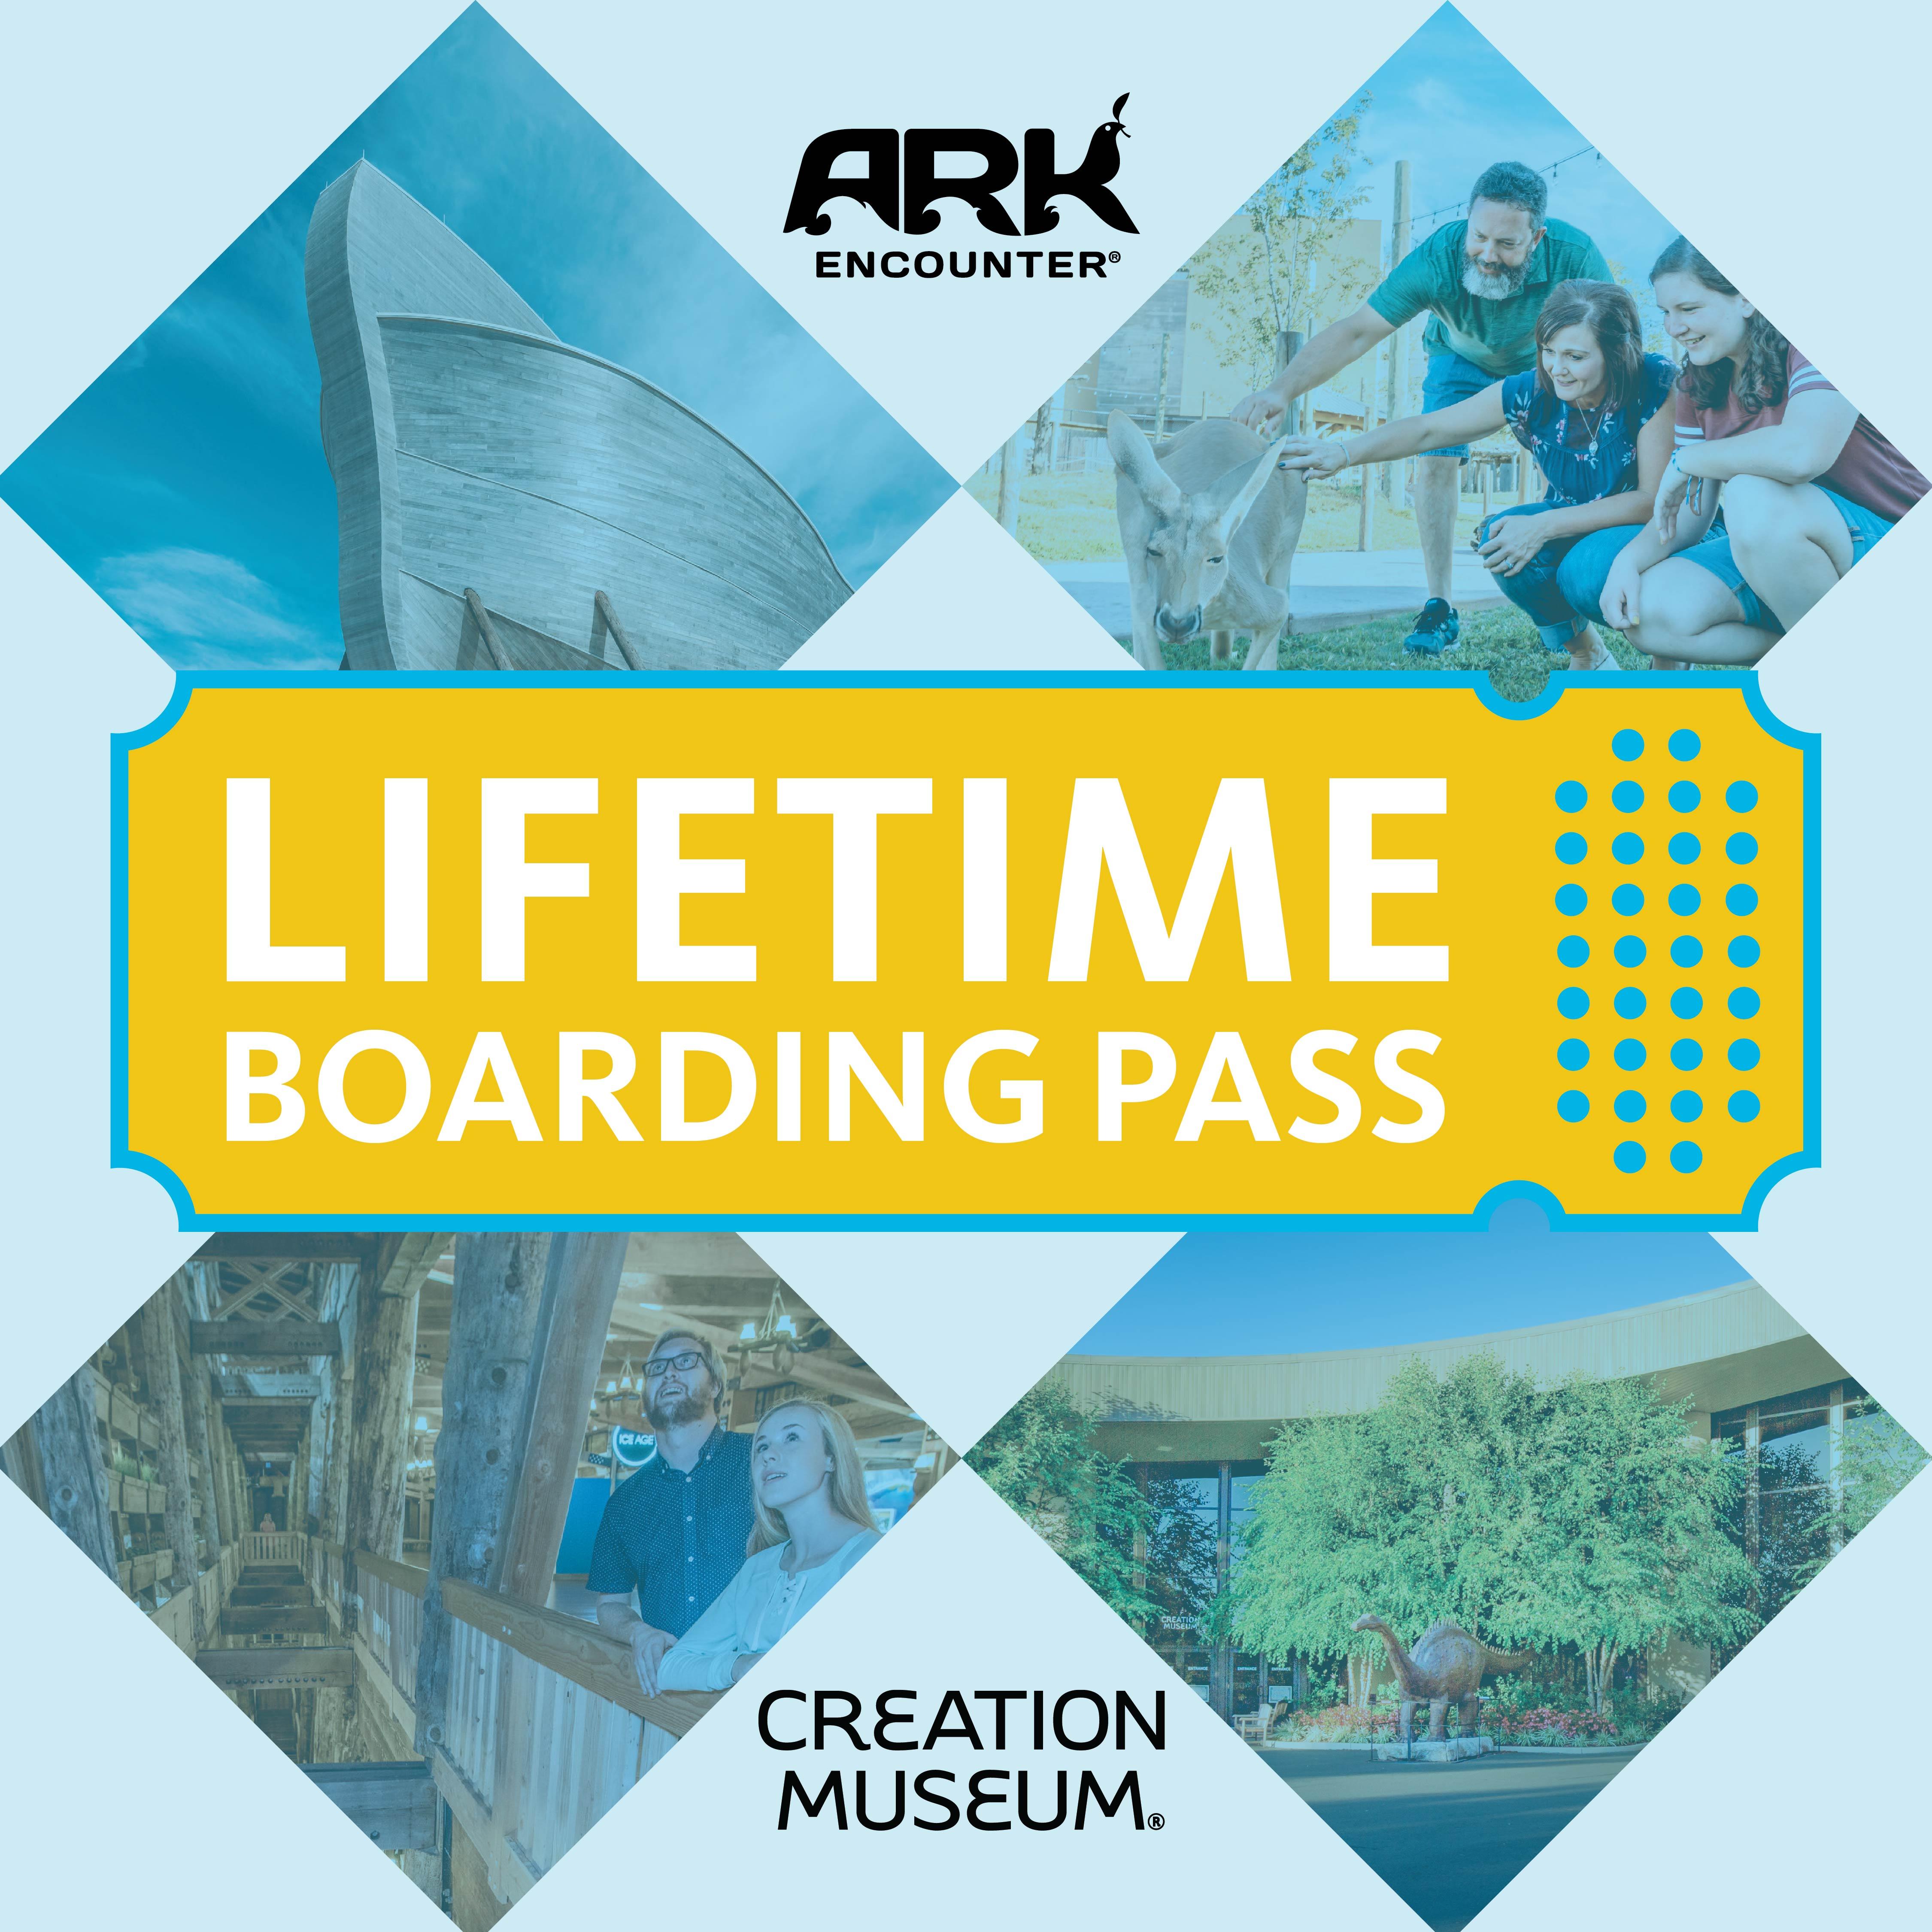 Ark Encounter Lifetime Boarding Passes